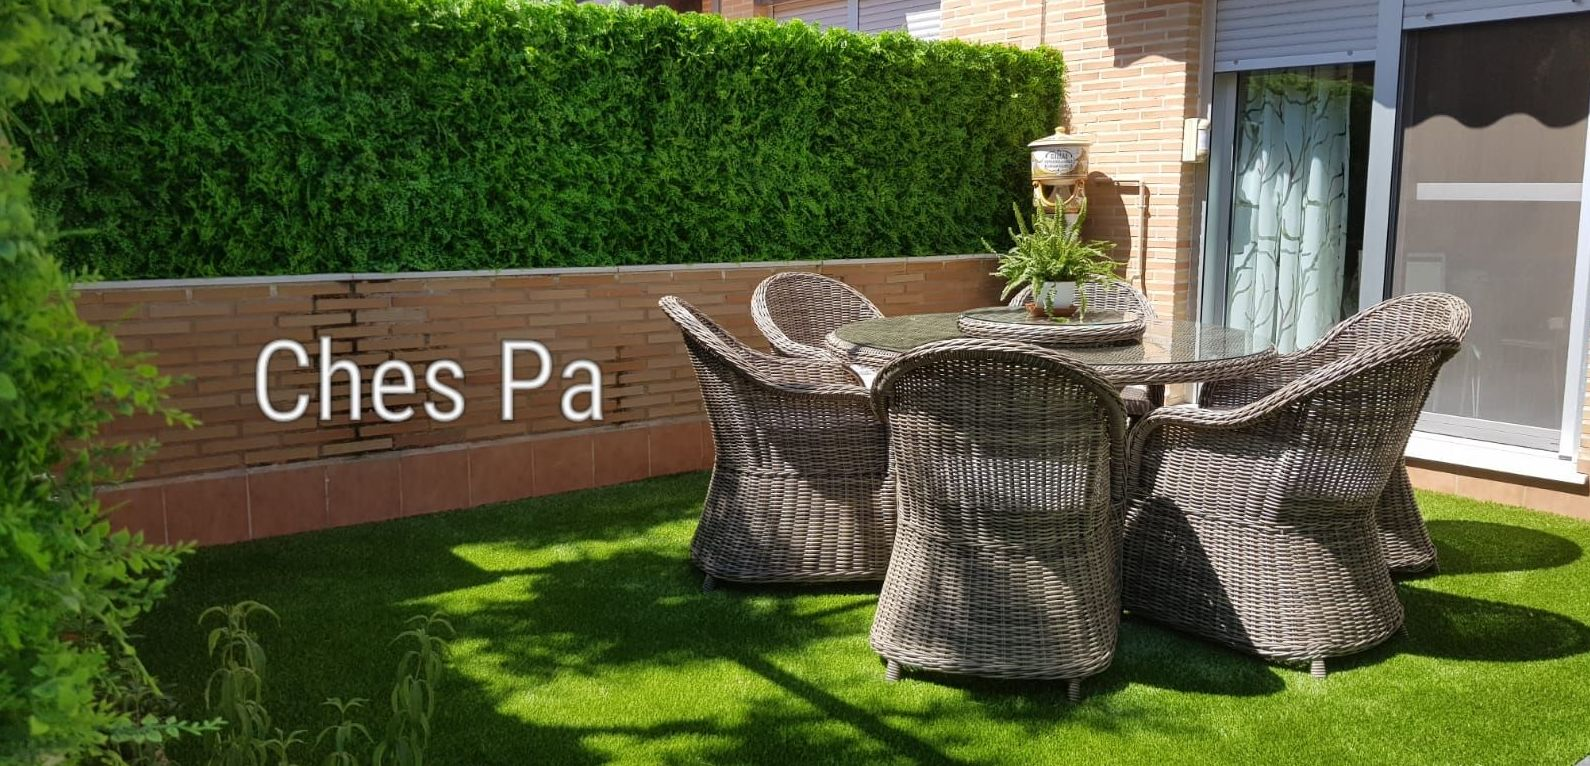 Proyecto integral con jardin vertical y césped artificial tratado UV para exterior